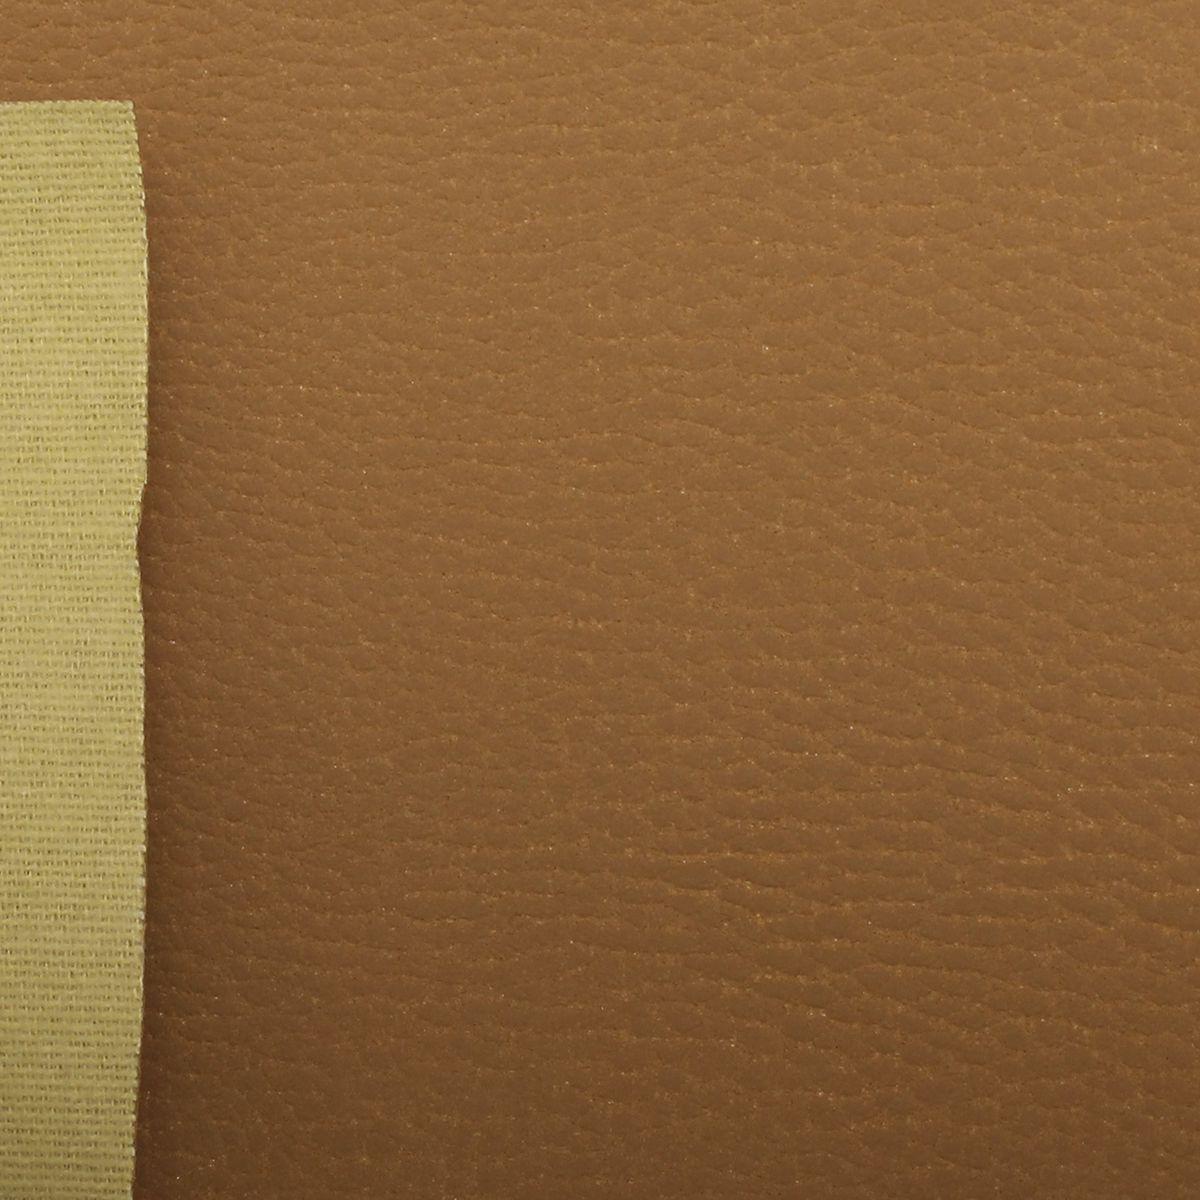 4ad901a64115 Кожзам, 350*250*0.7 мм, бежевый, лист - Основы и изнанки